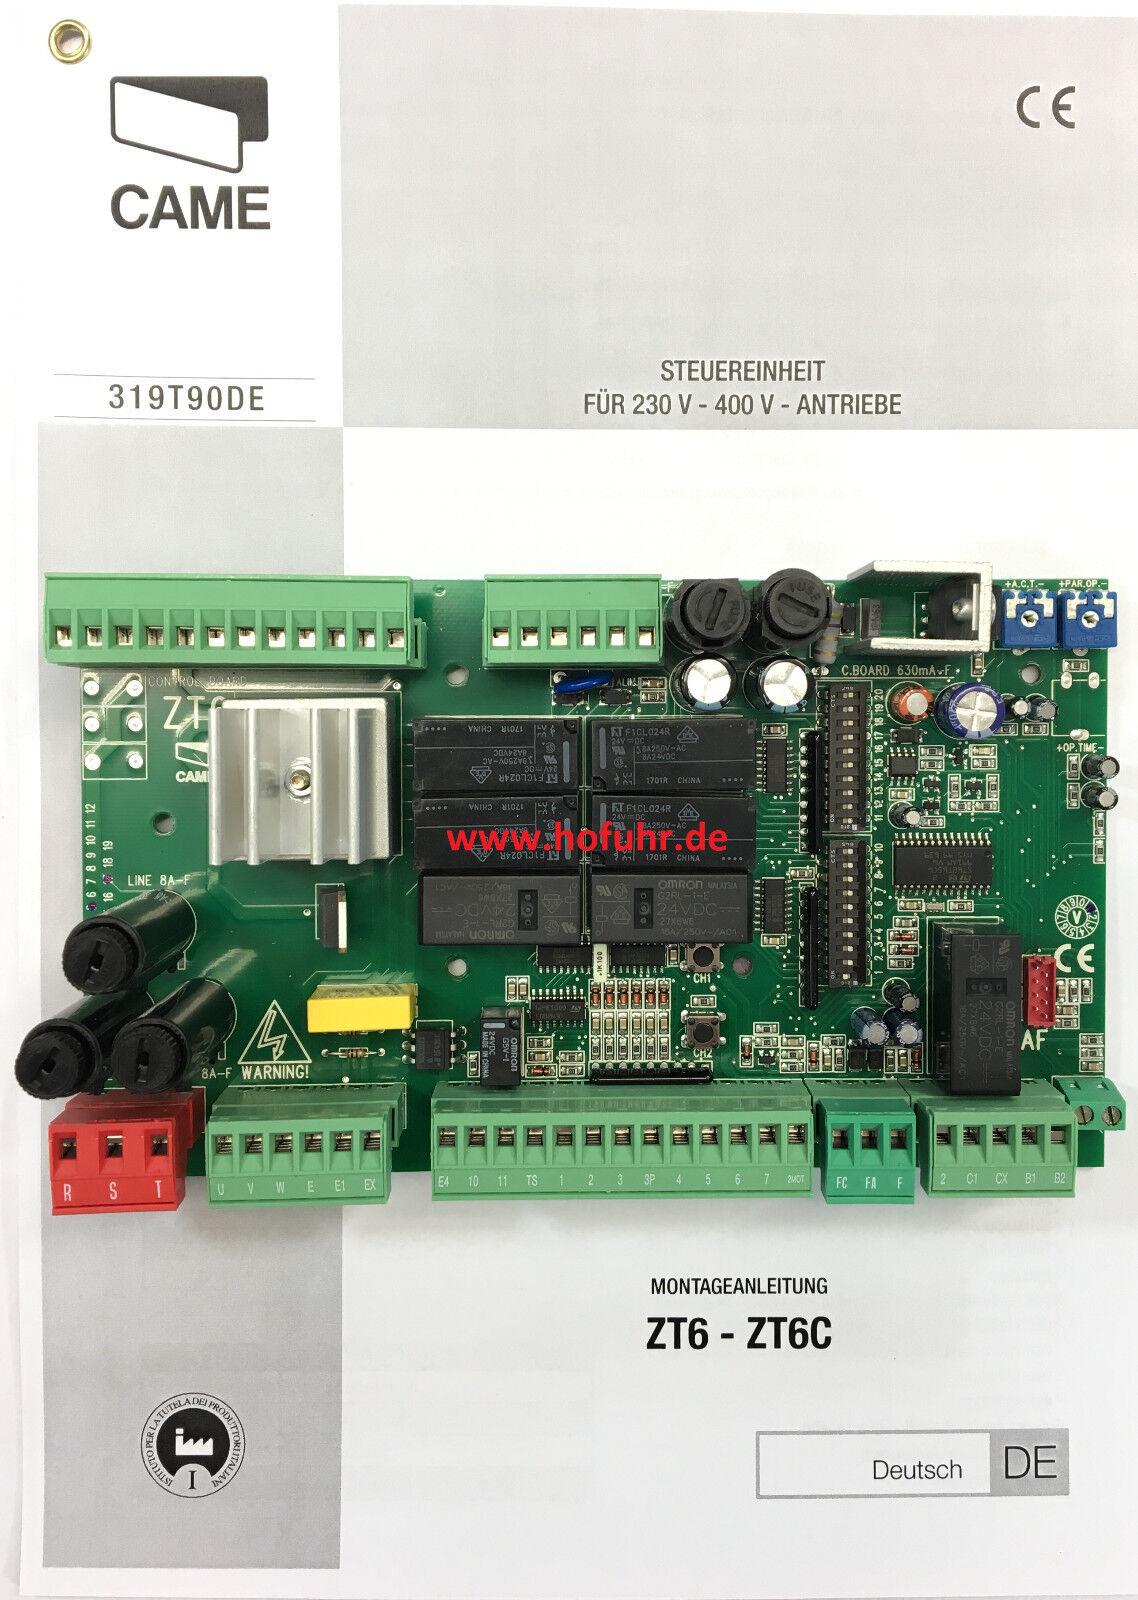 CAME Platine Steuerung ZT6, für 400 Volt Antriebe z.B. BY3500T und C-BX